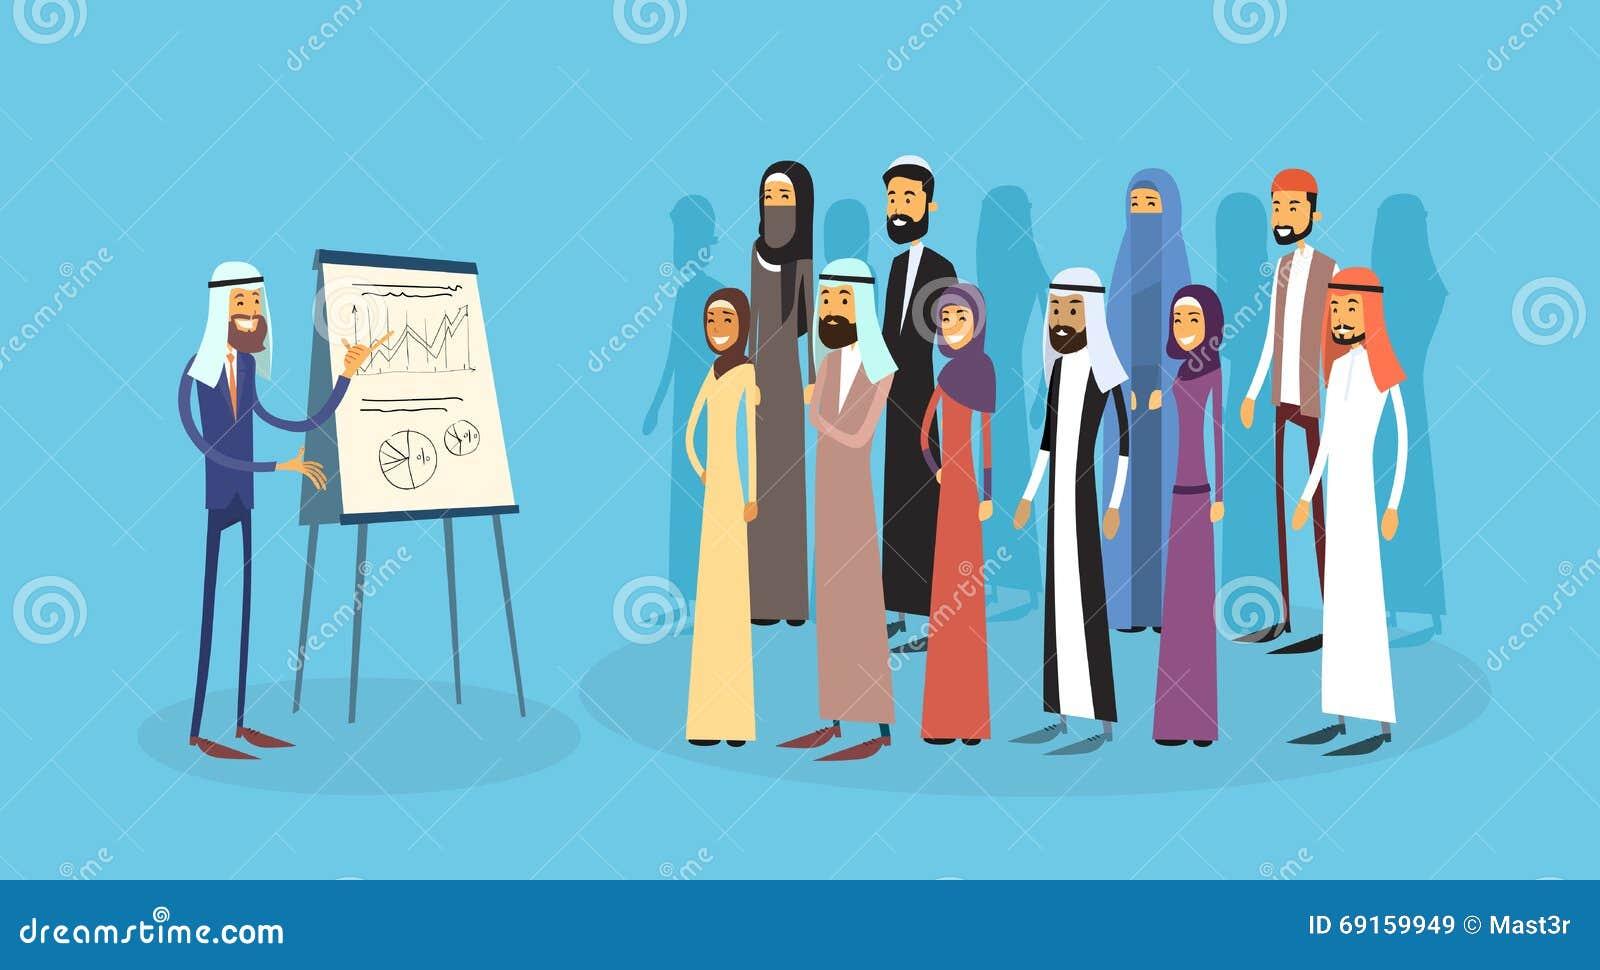 Arabische der Gruppen-Geschäftsleute Darstellungs-Flip Chart Finance, arabische Wirtschaftler Team Training Conference Muslim